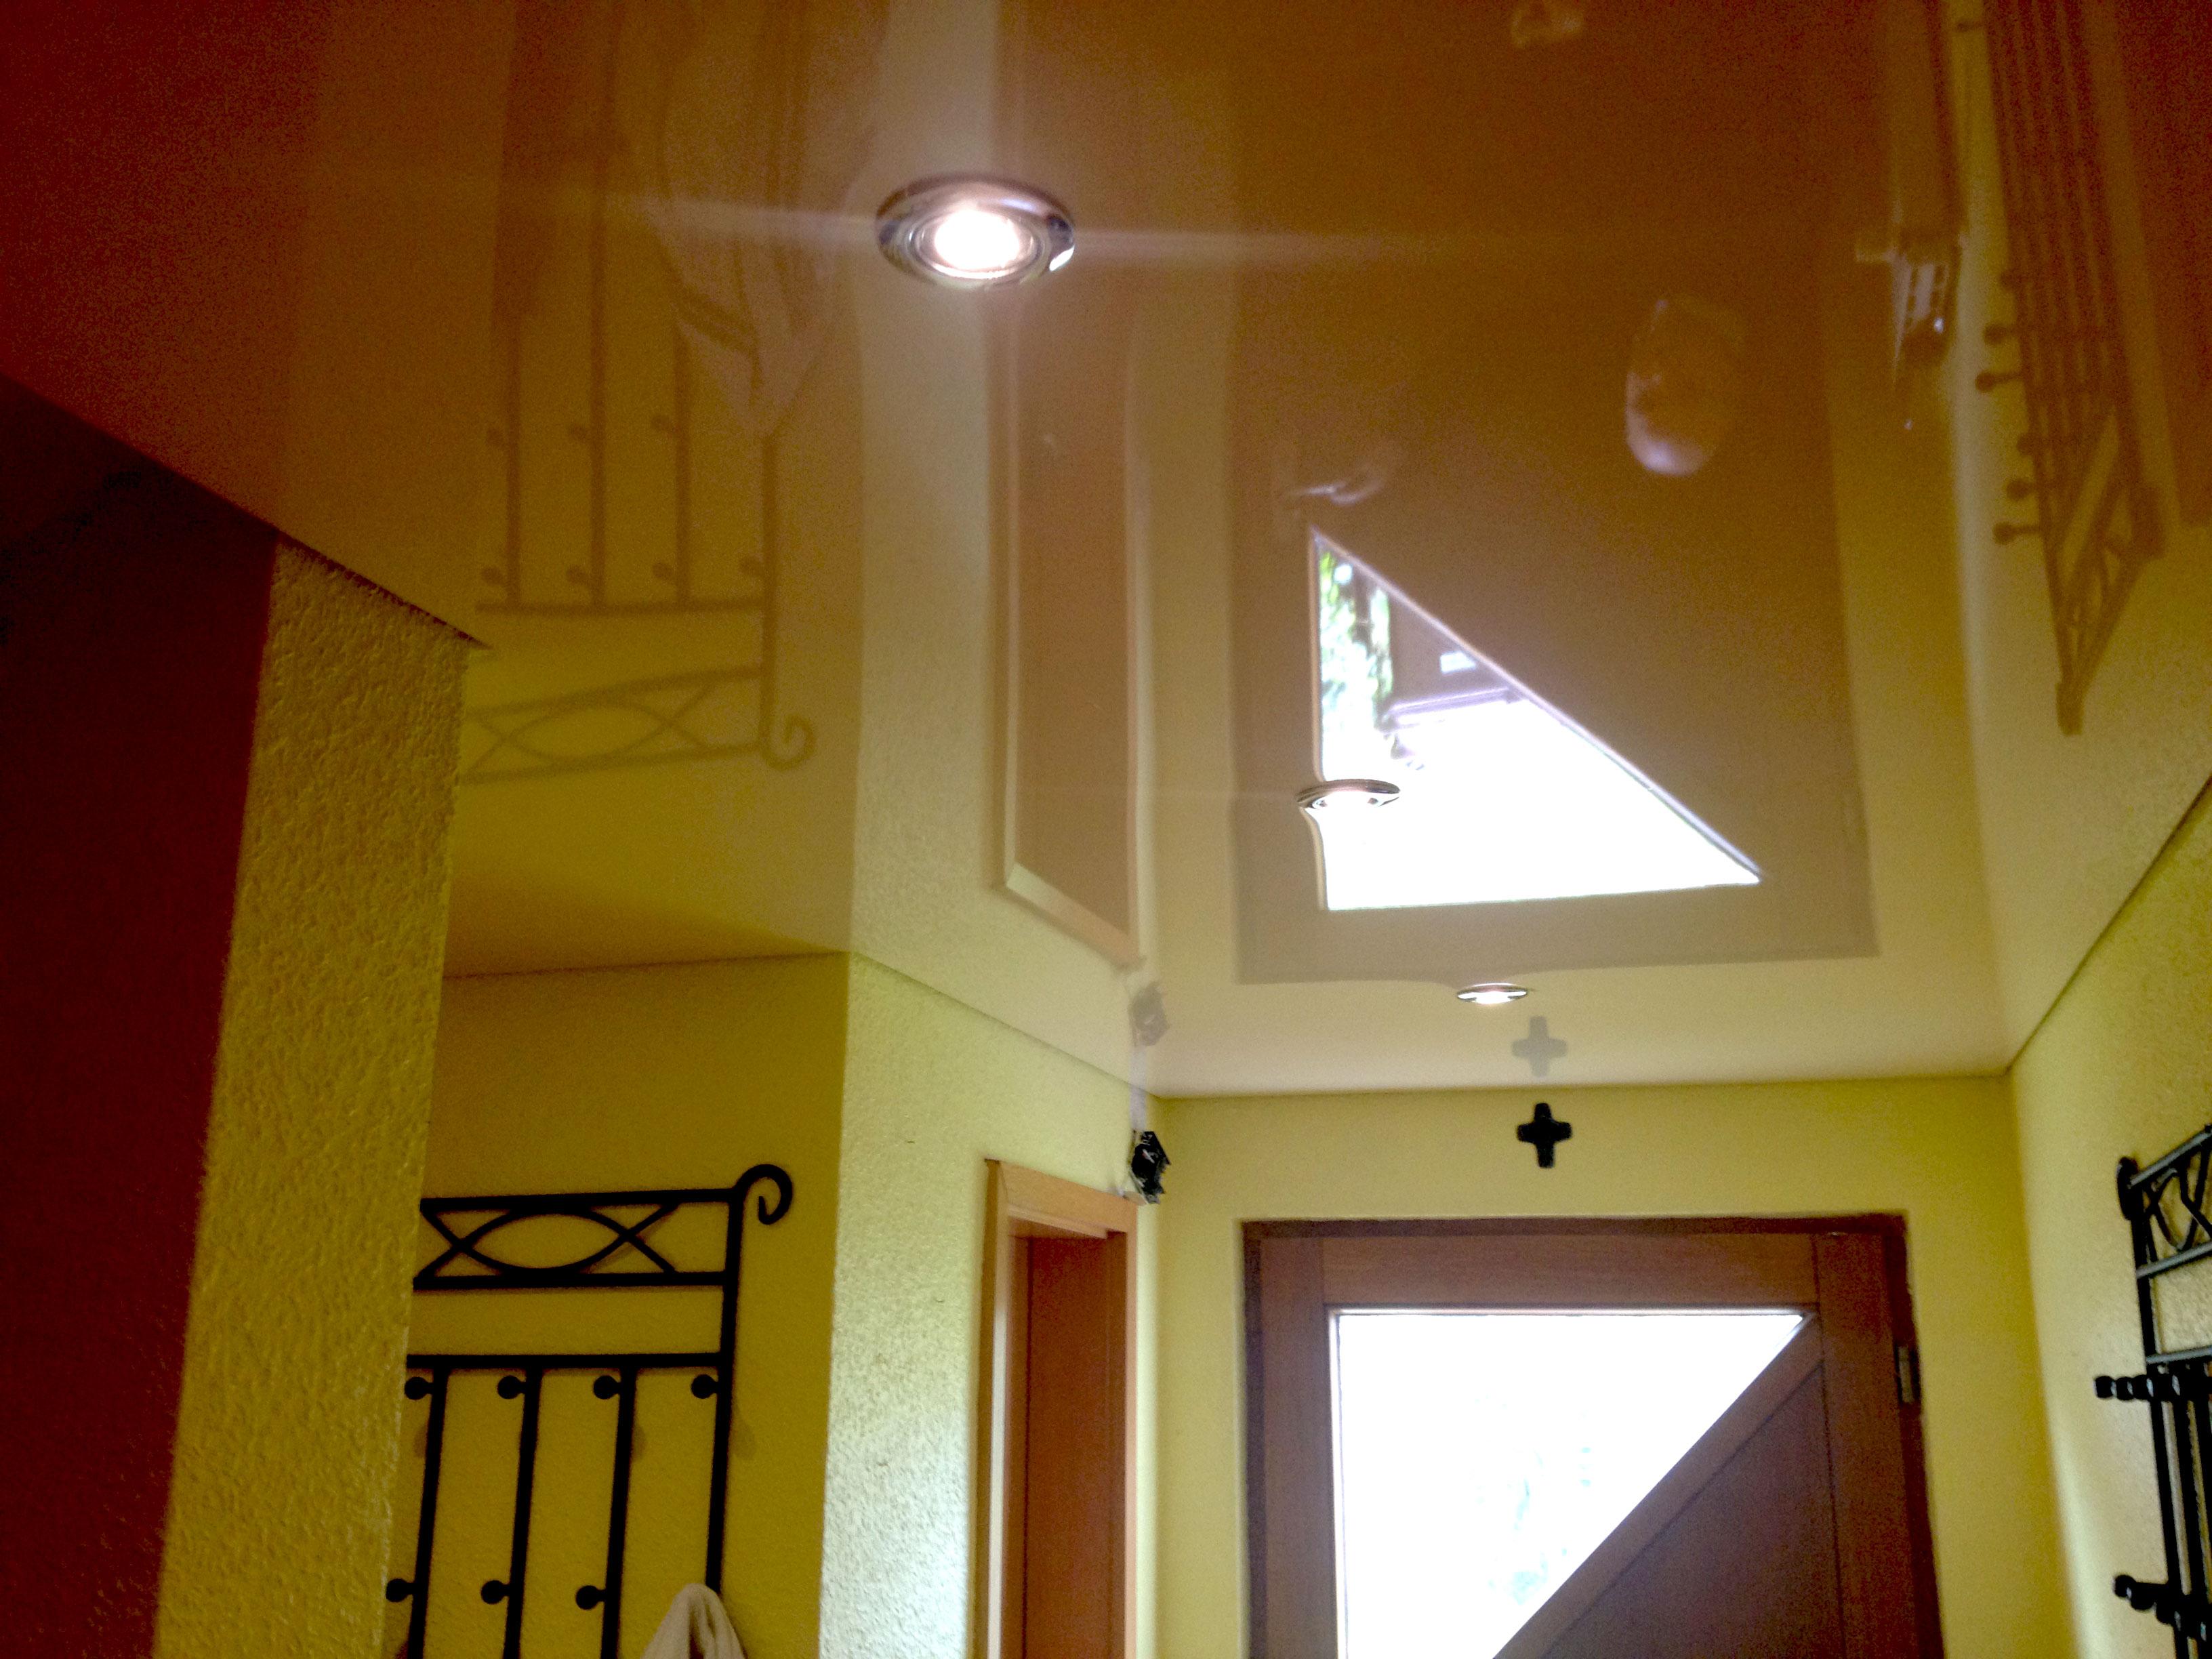 spanndecken im diele spanndecken duesseldorf dortmund. Black Bedroom Furniture Sets. Home Design Ideas